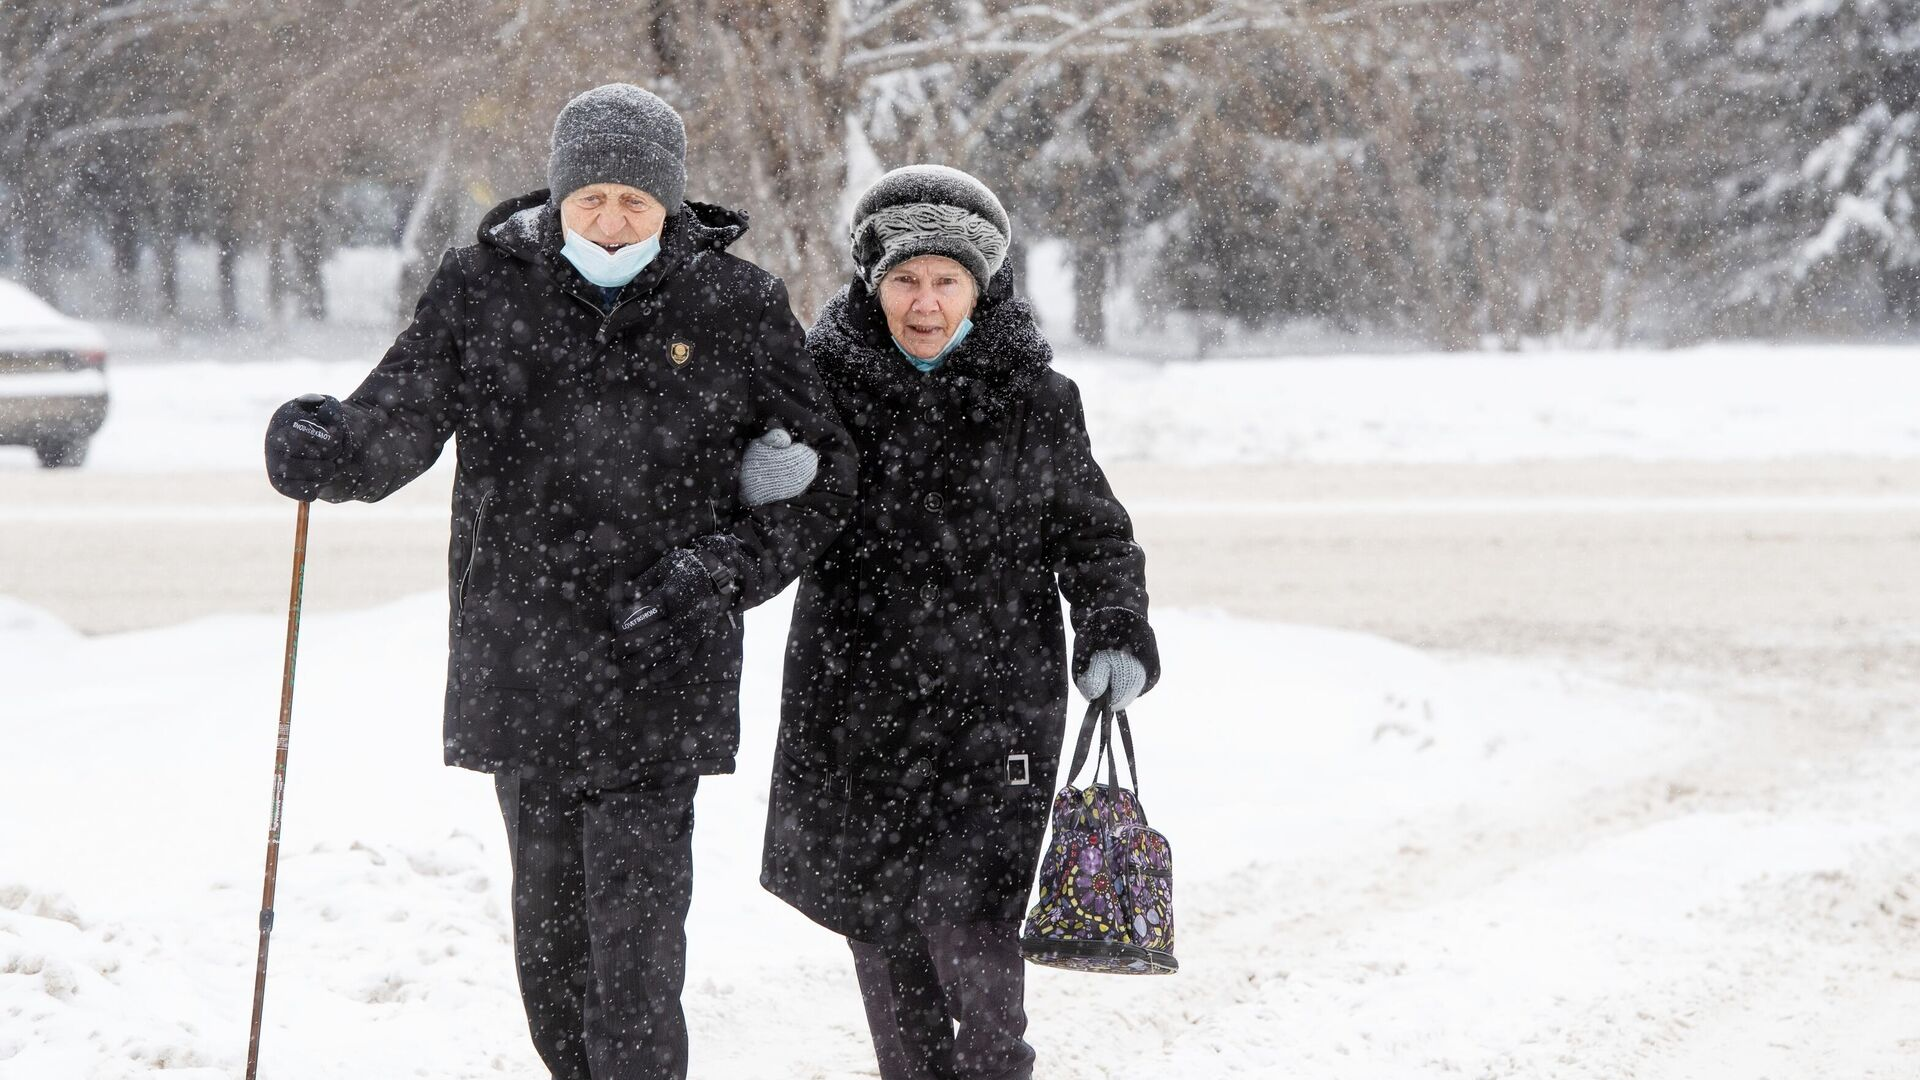 Прохожие на улице Новосибирска во время снегопада - РИА Новости, 1920, 06.03.2021